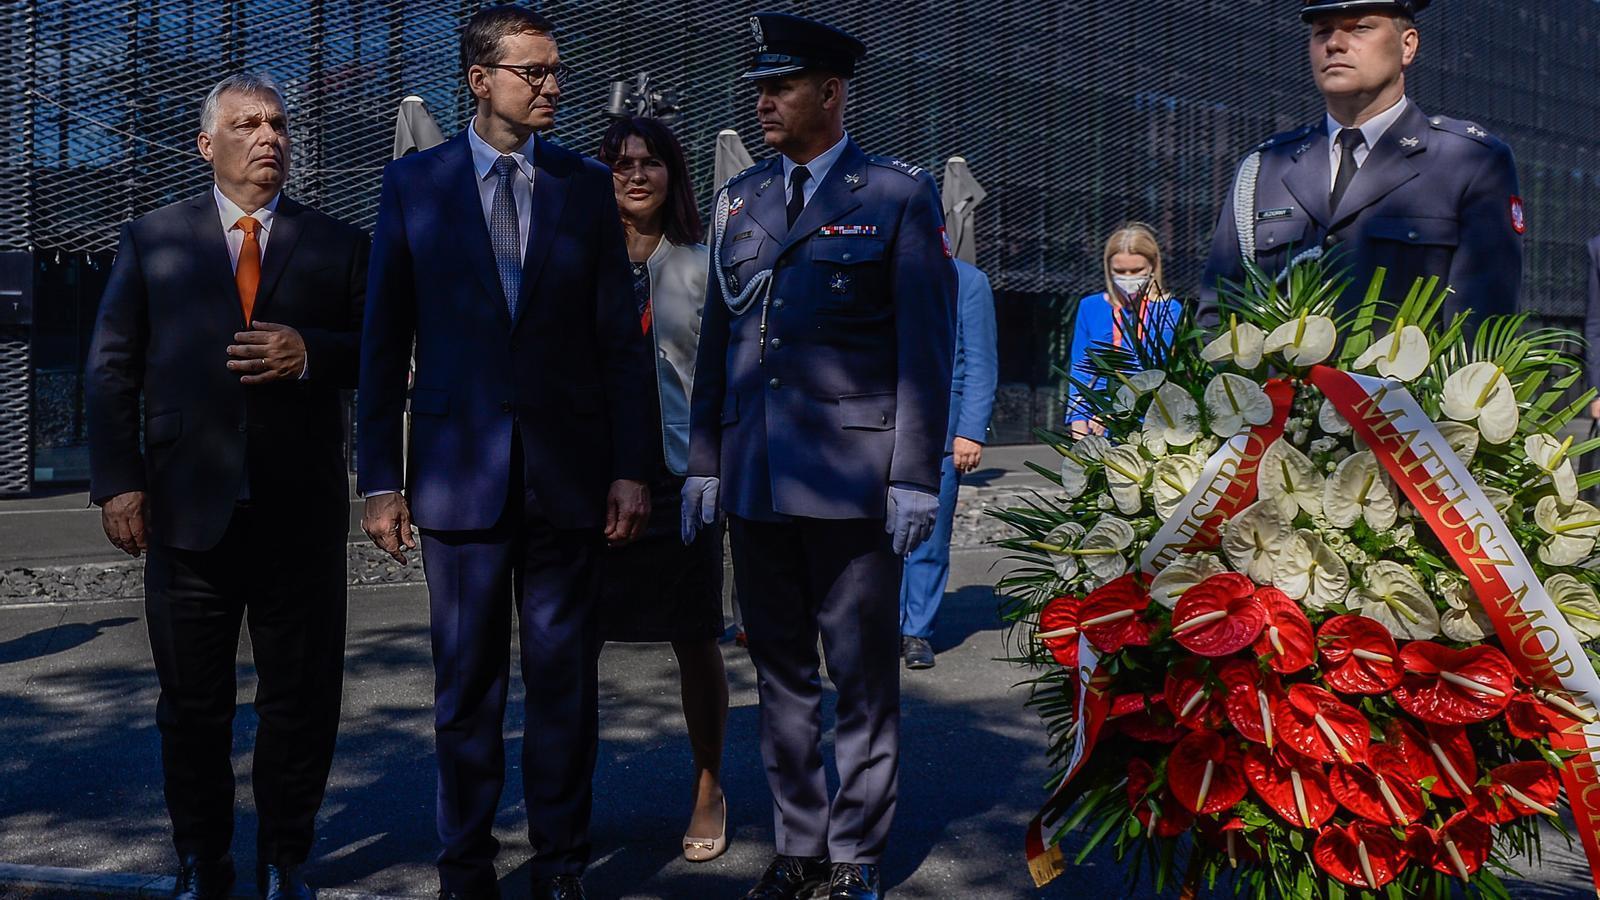 Les armes de la UE davant Polònia i Hongria: un laberint jurídic sense dreceres